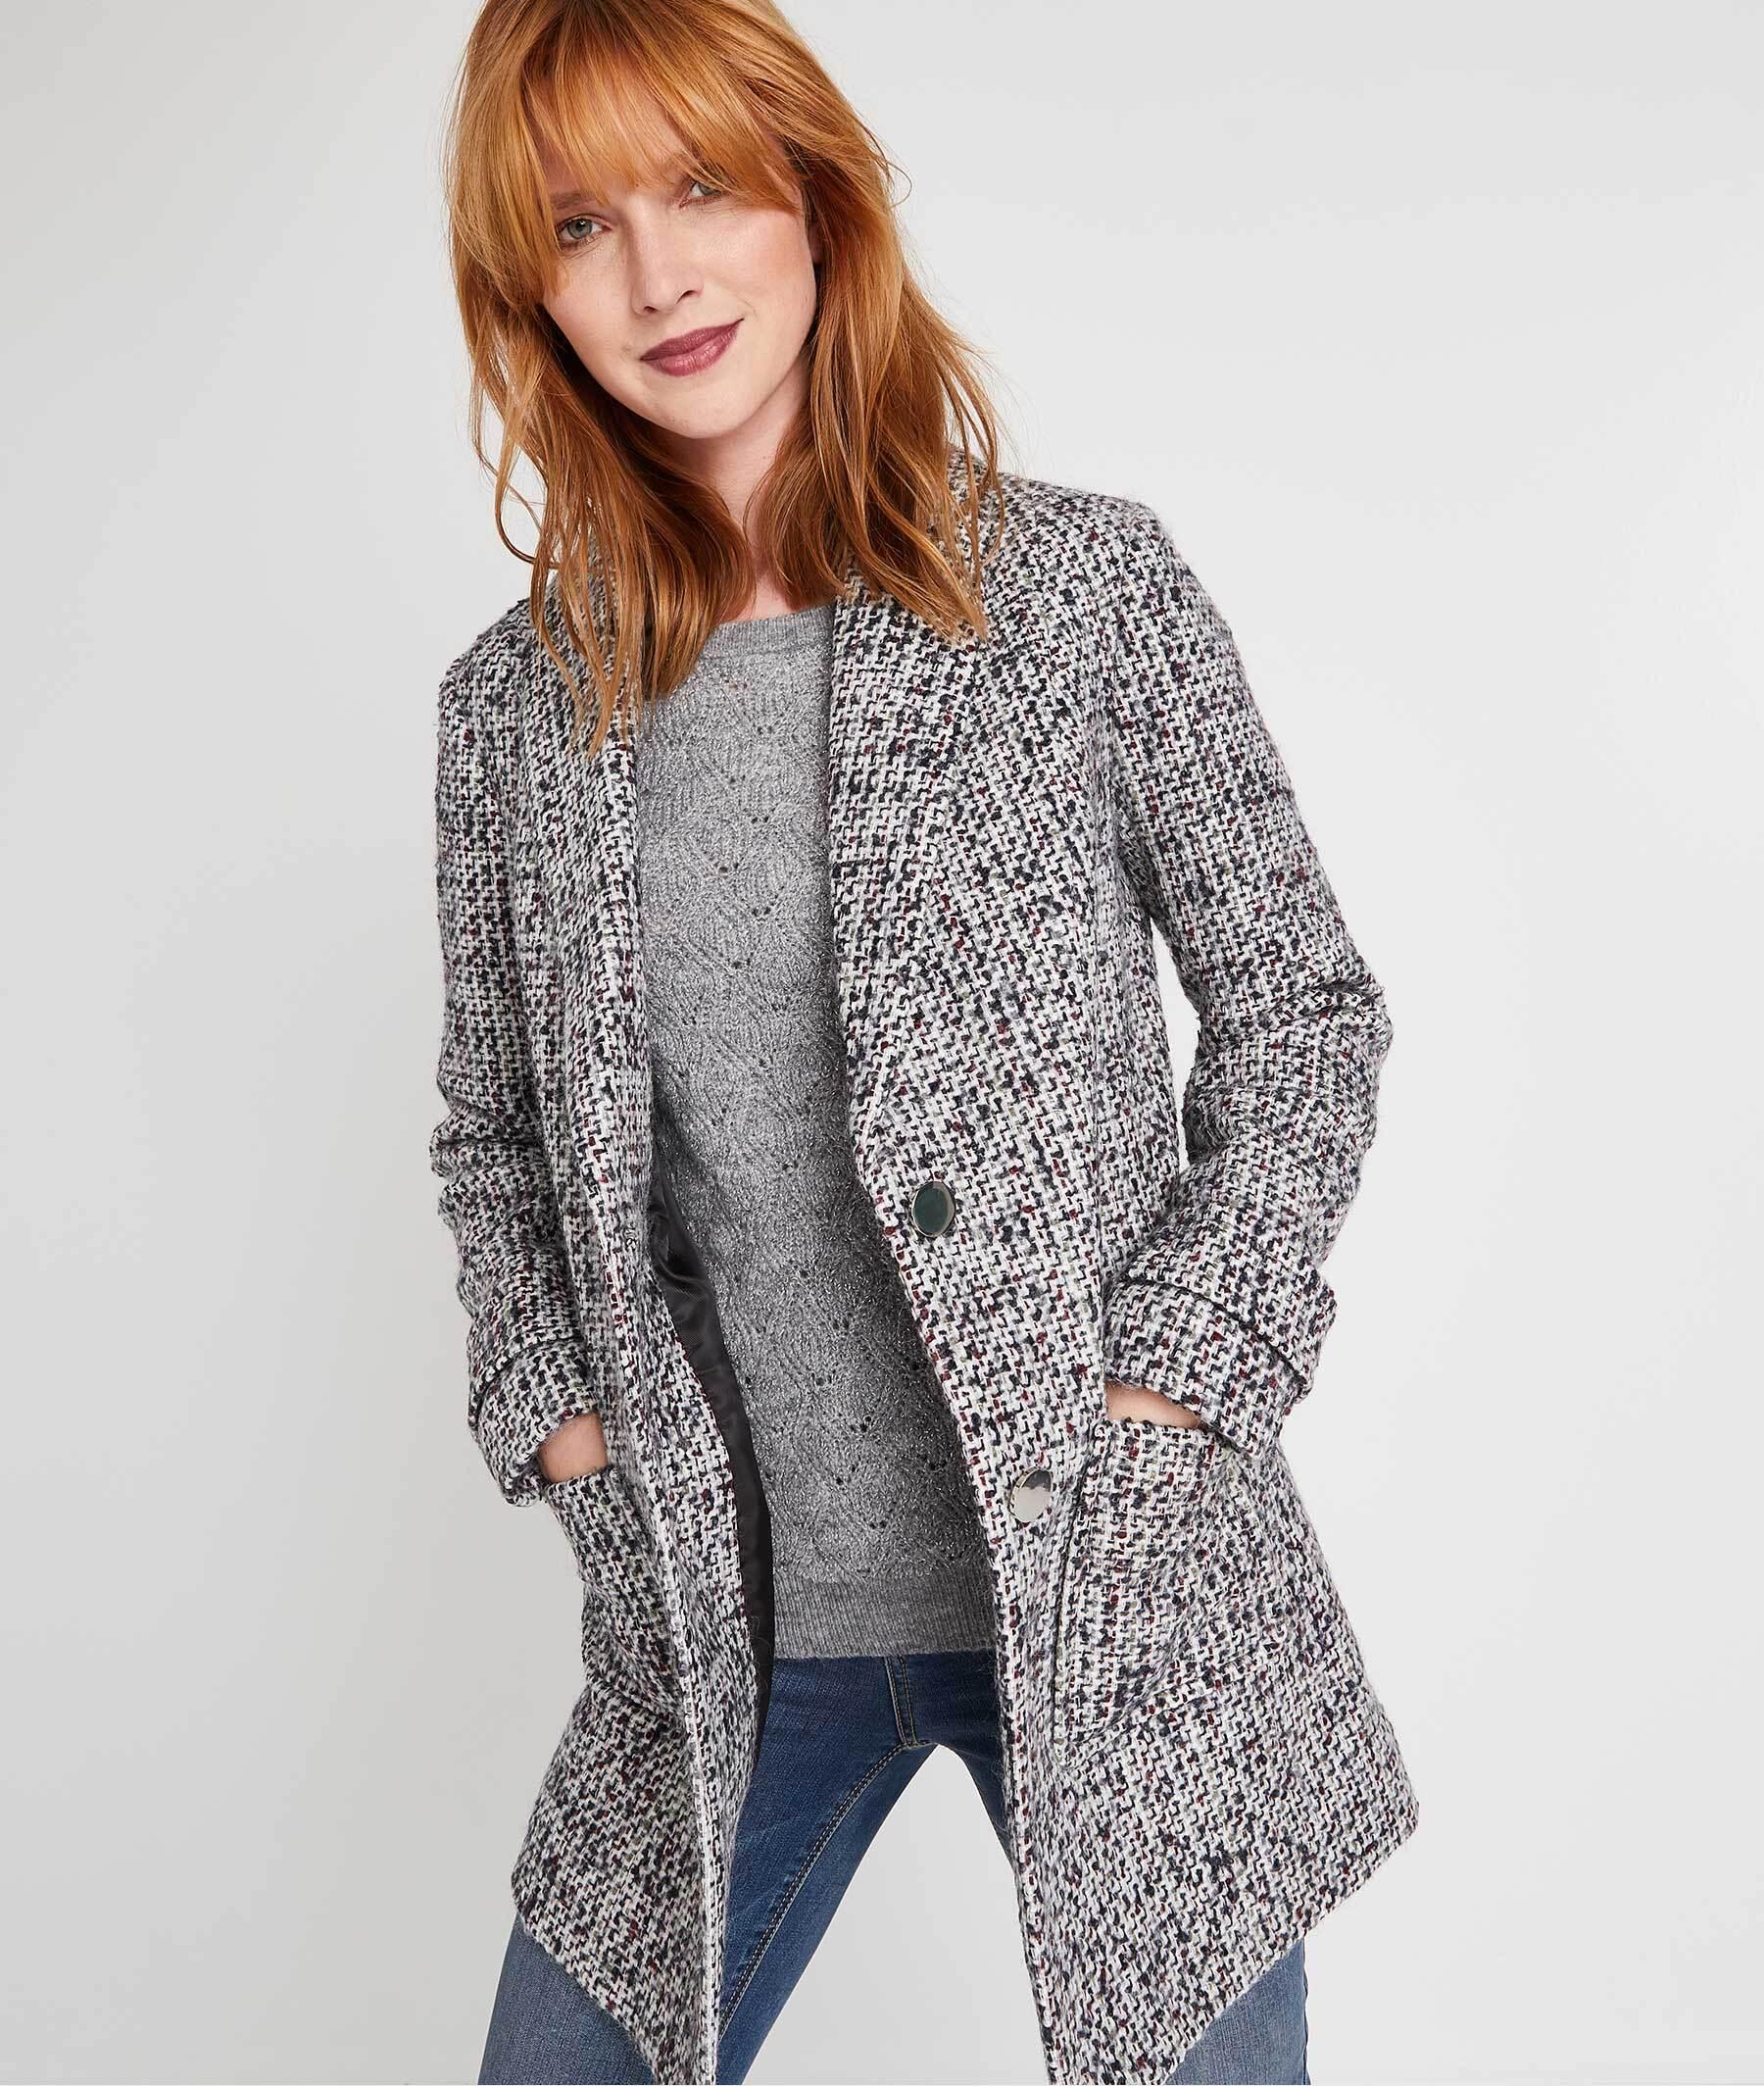 Manteau structuré gris avec laine MULTICOLORE